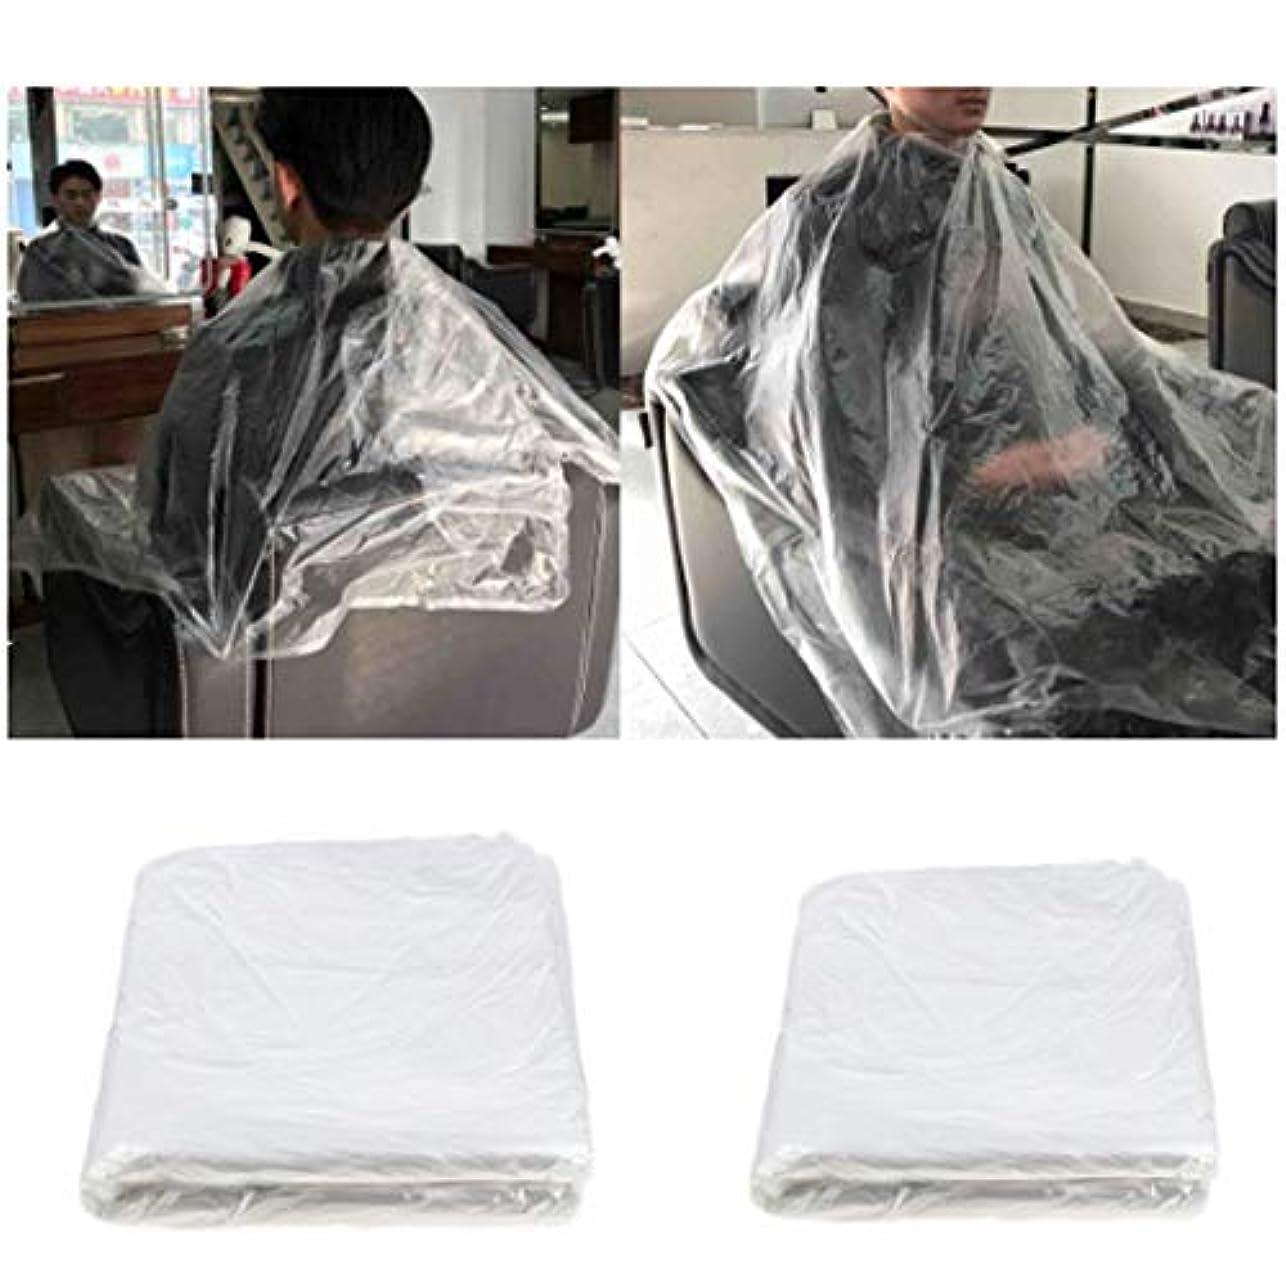 プロペラシャツ静けさ150 x使い捨てケープヘアサロンショールプラスチック防水ヘアトリミングツール110 x 150 cm理髪店または家庭用